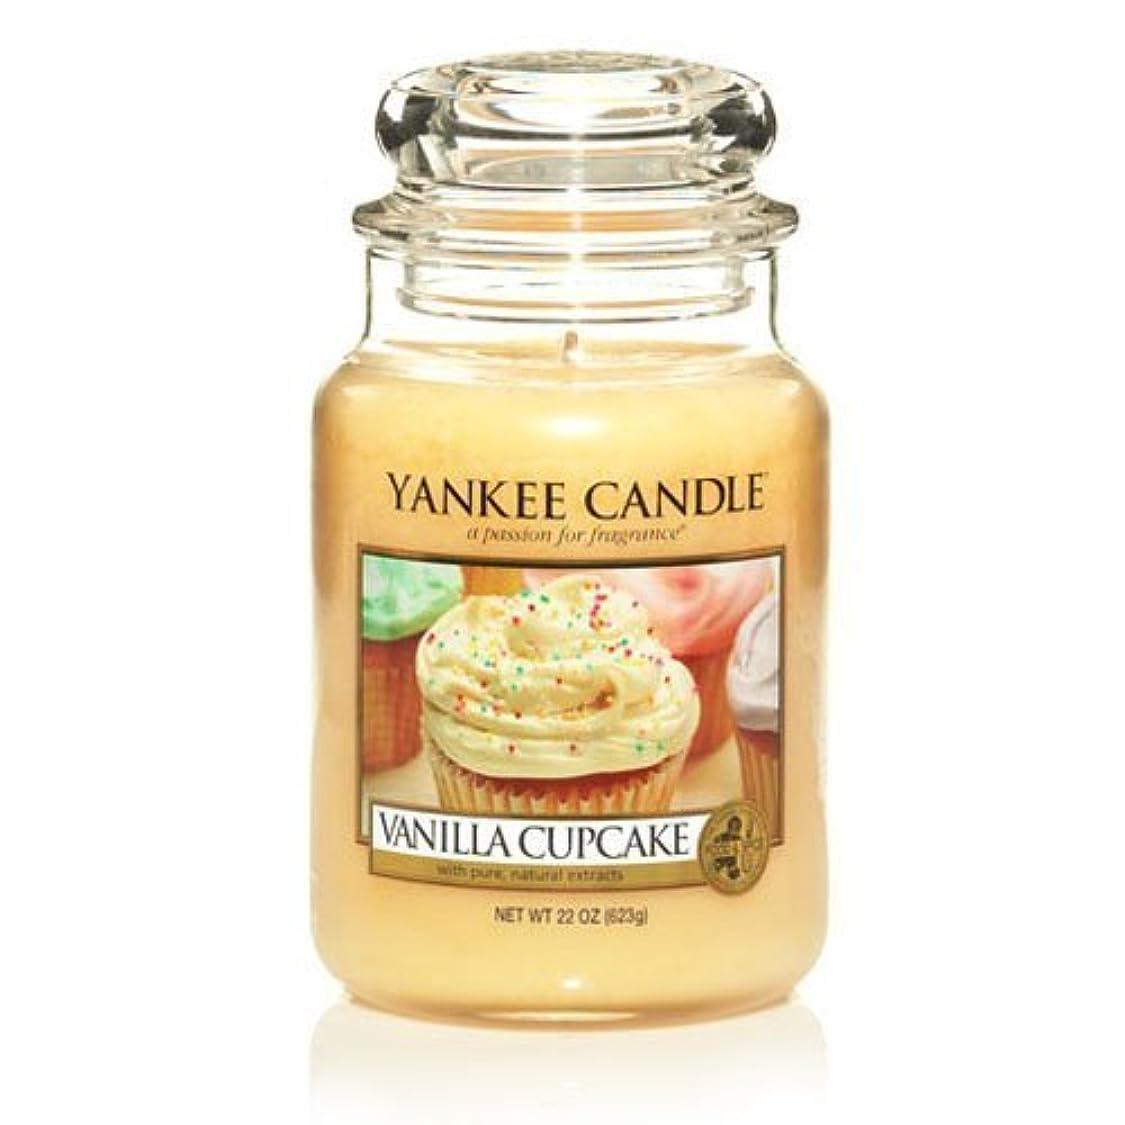 熟した宗教ハチLarge Yankee CAndle Jar Vanilla Cupcake by Yankee Candles [並行輸入品]